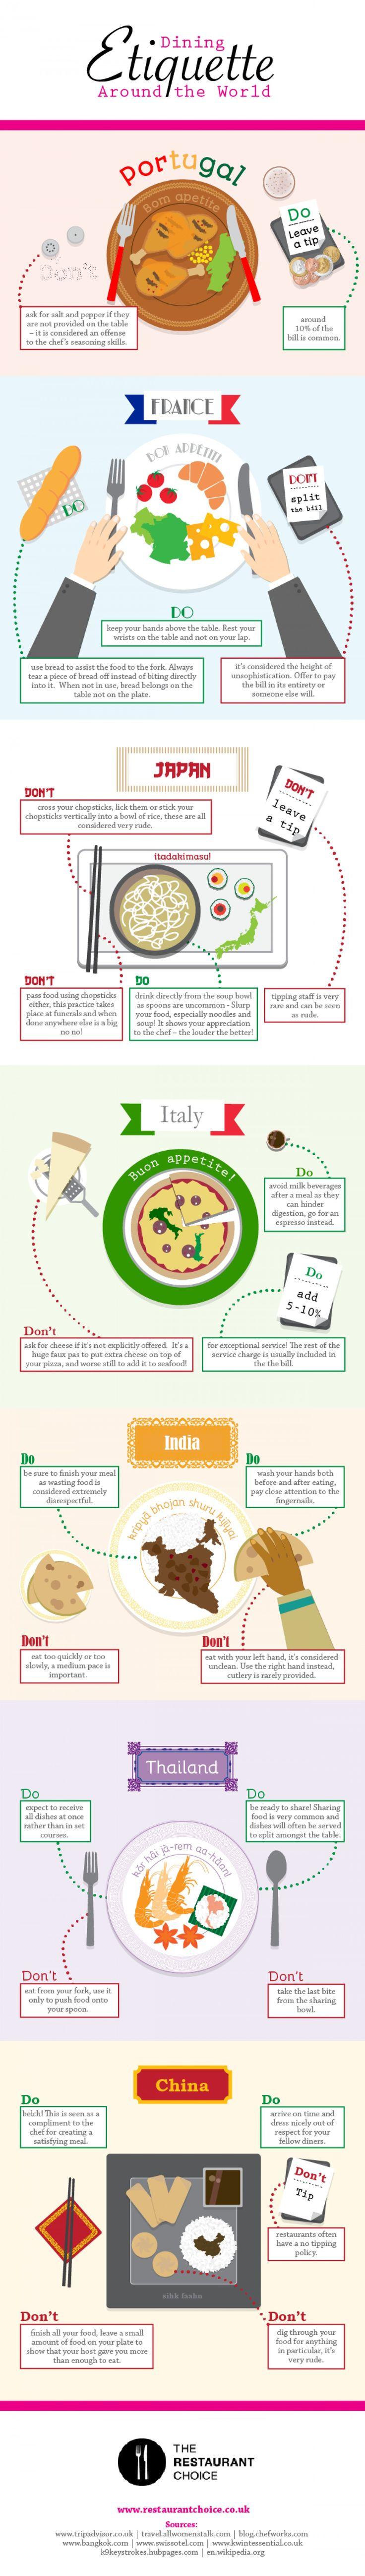 세계 각국의 식사 예절과 팁 문화가 궁금하다면... 인포그래픽 by The Restaurant Choice... :: NEOEARLY* by 라디오키즈